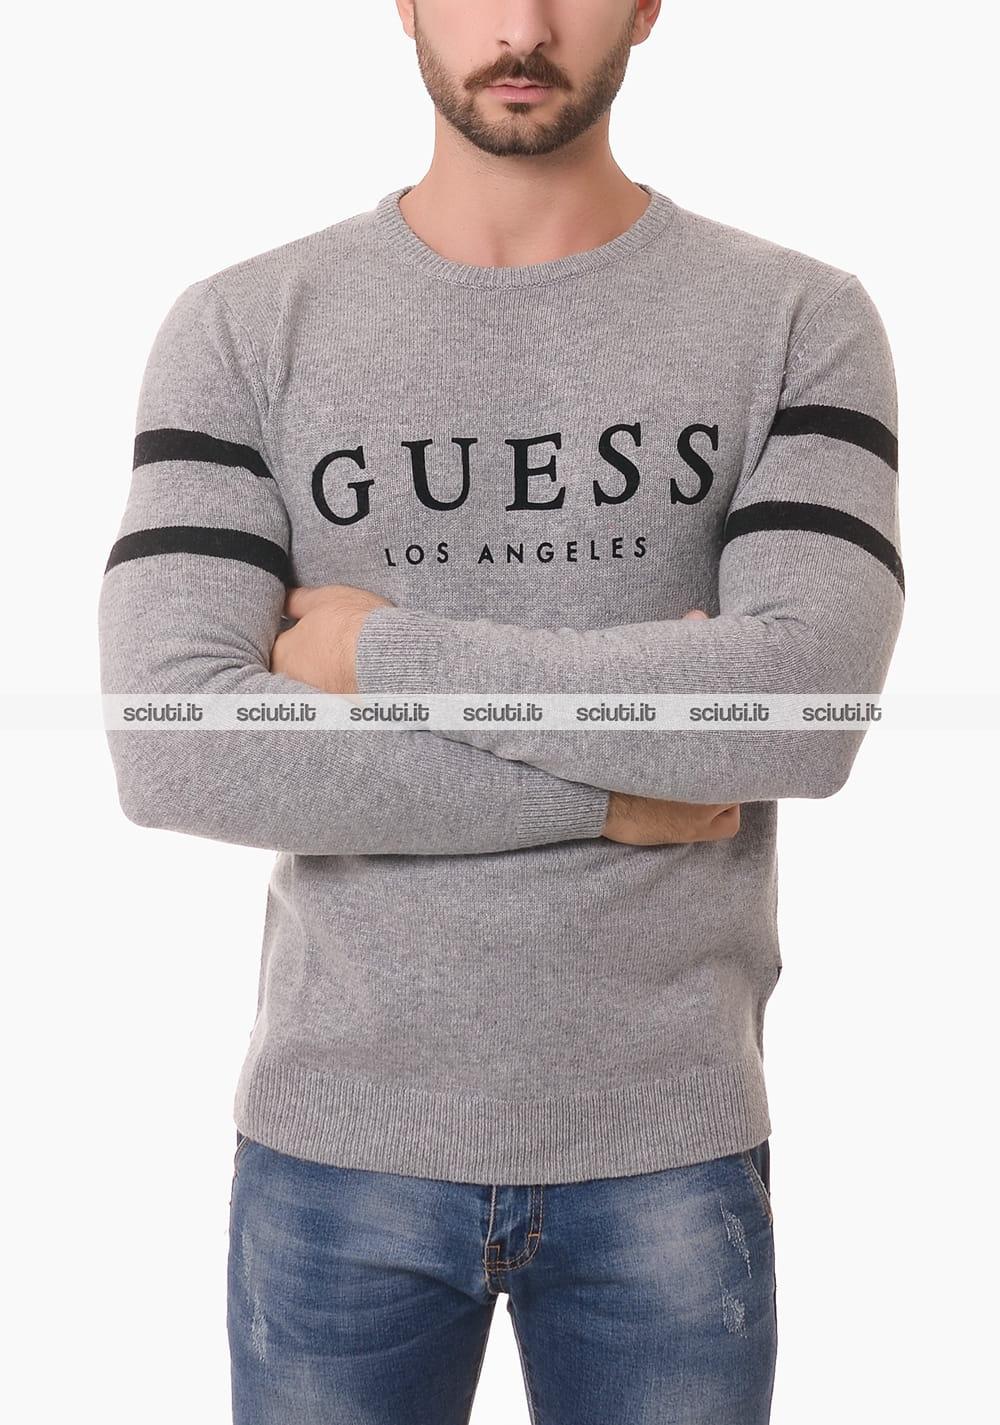 Maglione Guess uomo grigio righe logo in contrasto | Sciuti.it